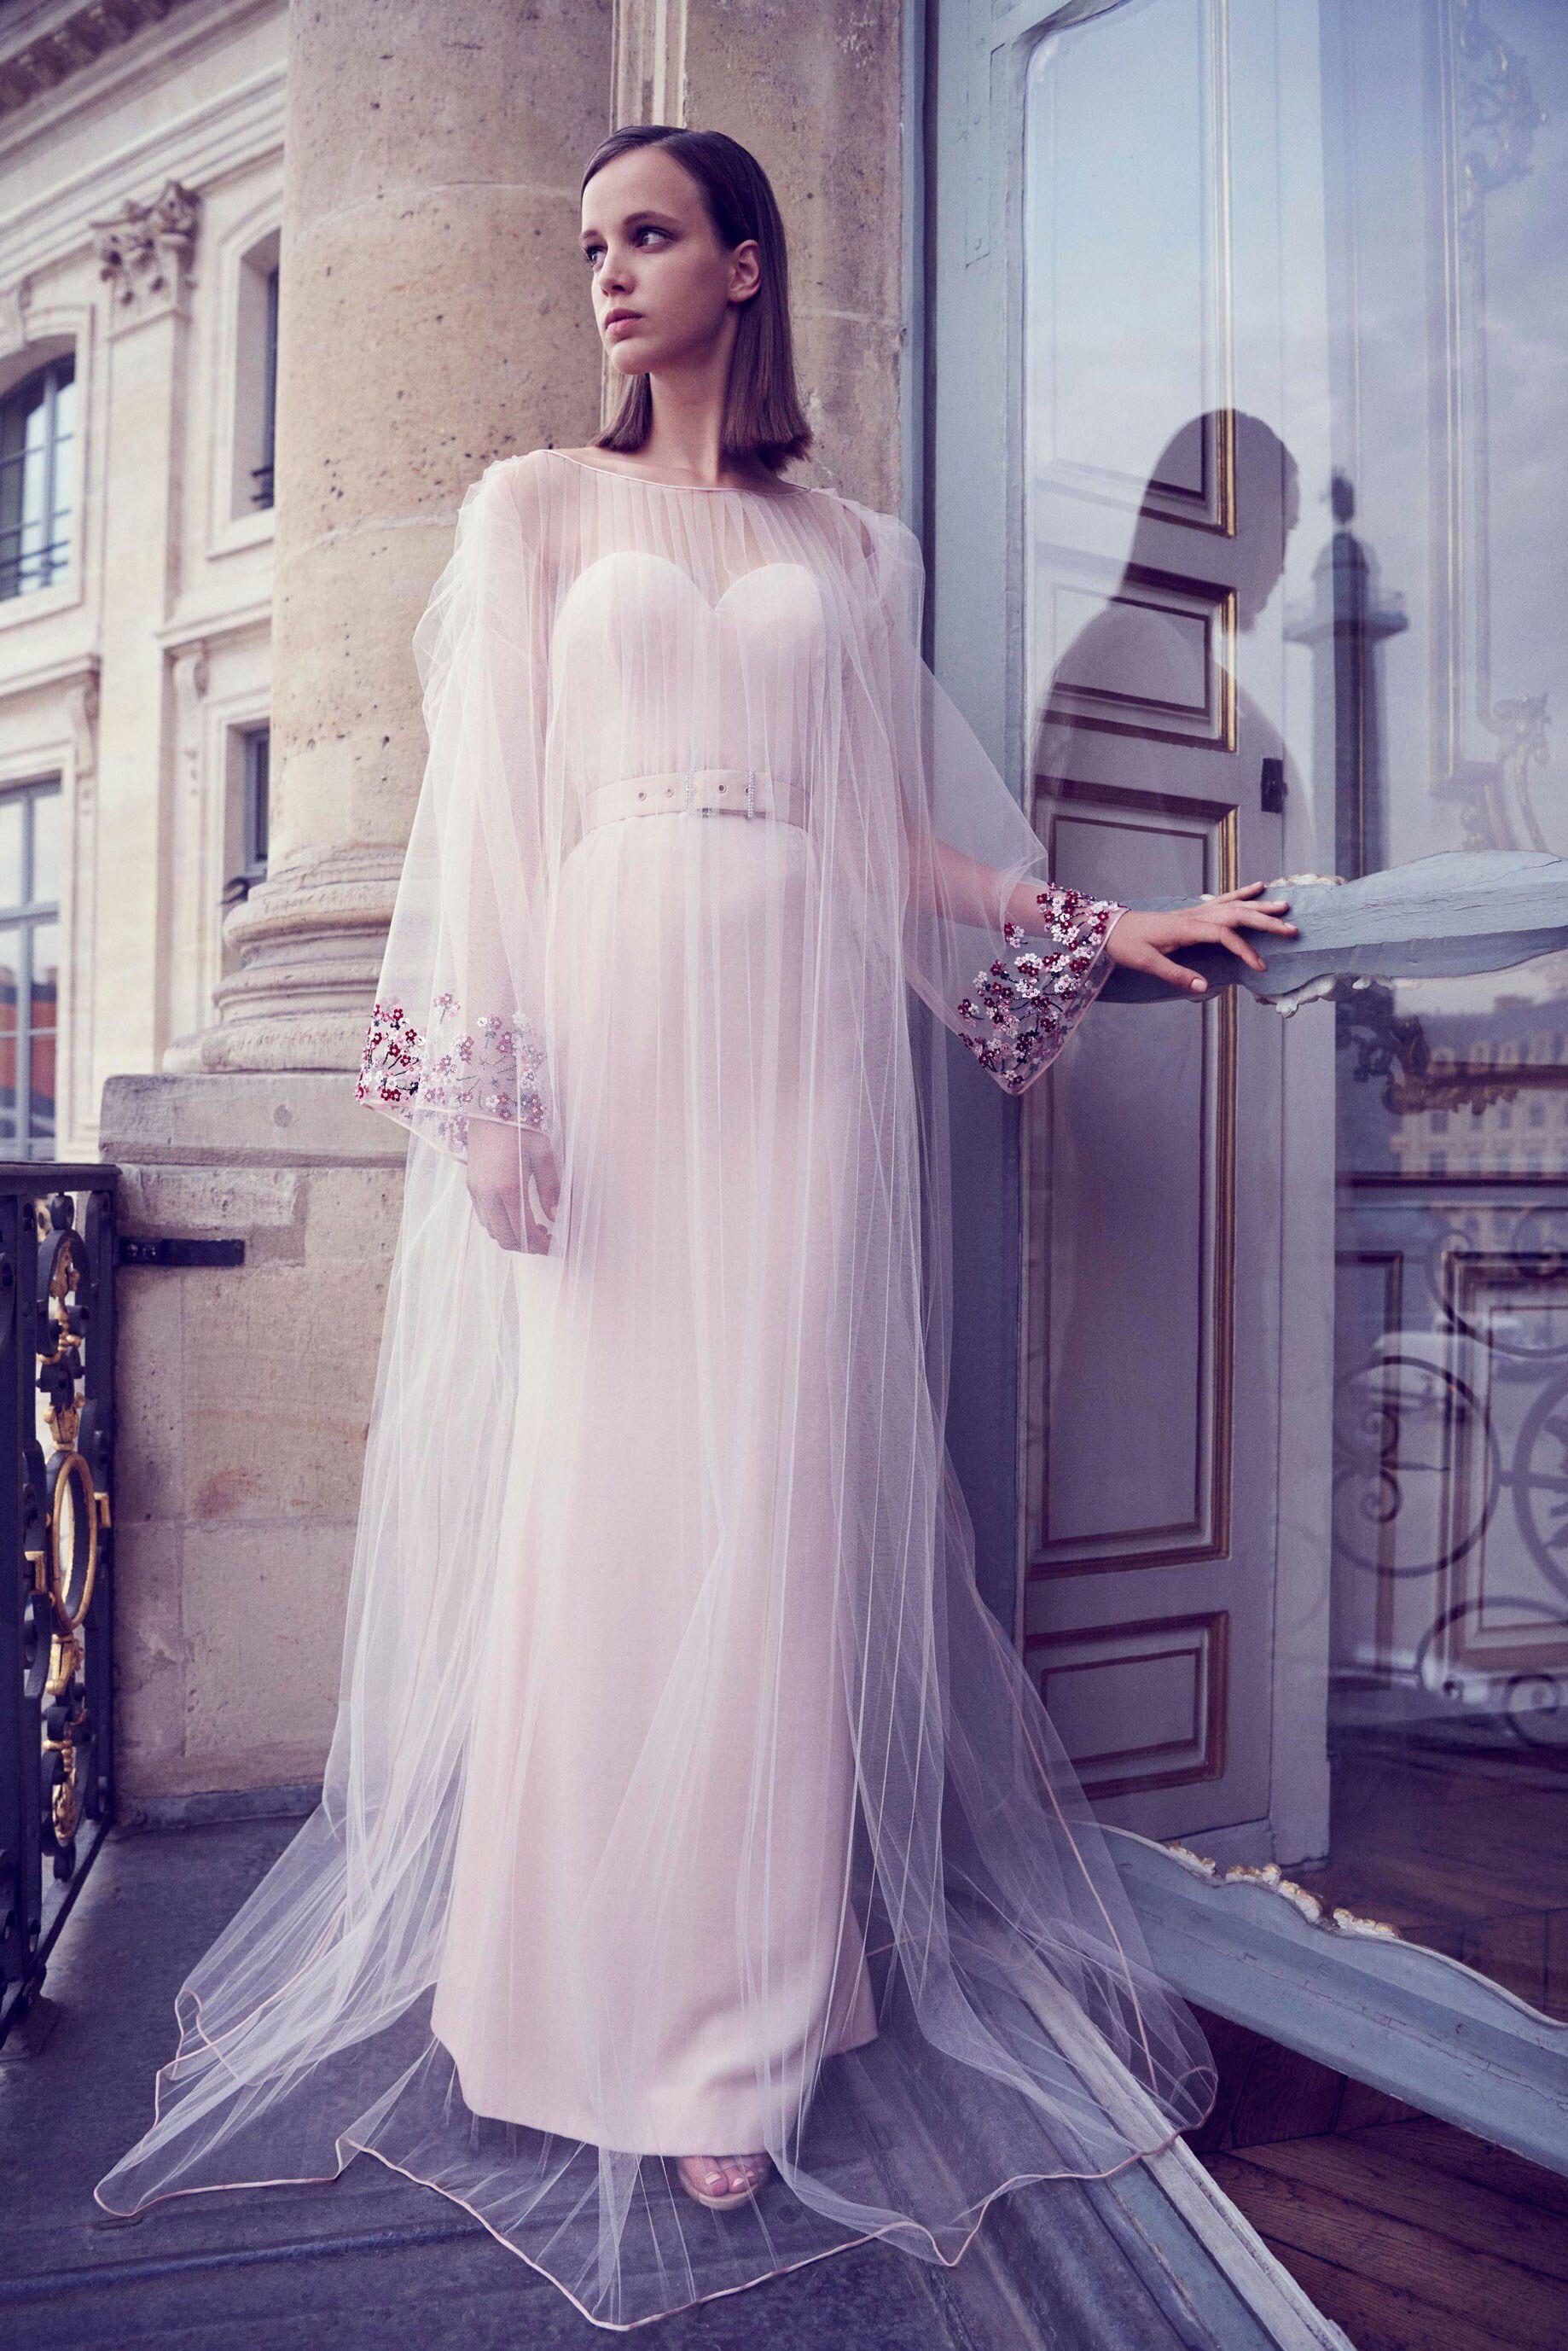 Increíble Vestido De Novia Angelina Jolie Componente - Vestido de ...